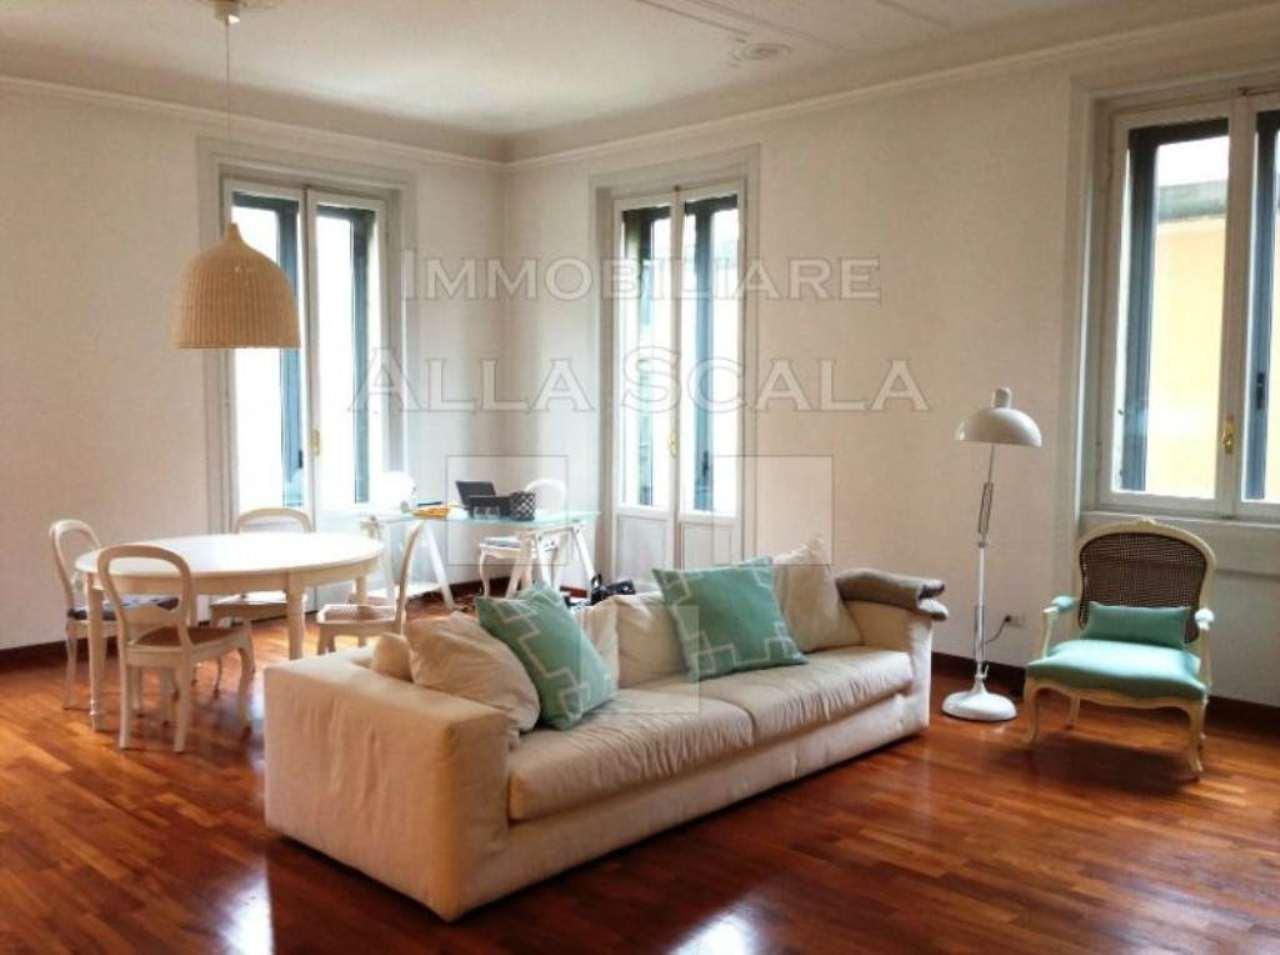 Appartamento in affitto a Milano, 4 locali, zona Zona: 1 . Centro Storico, Duomo, Brera, Cadorna, Cattolica, prezzo € 2.750   Cambio Casa.it